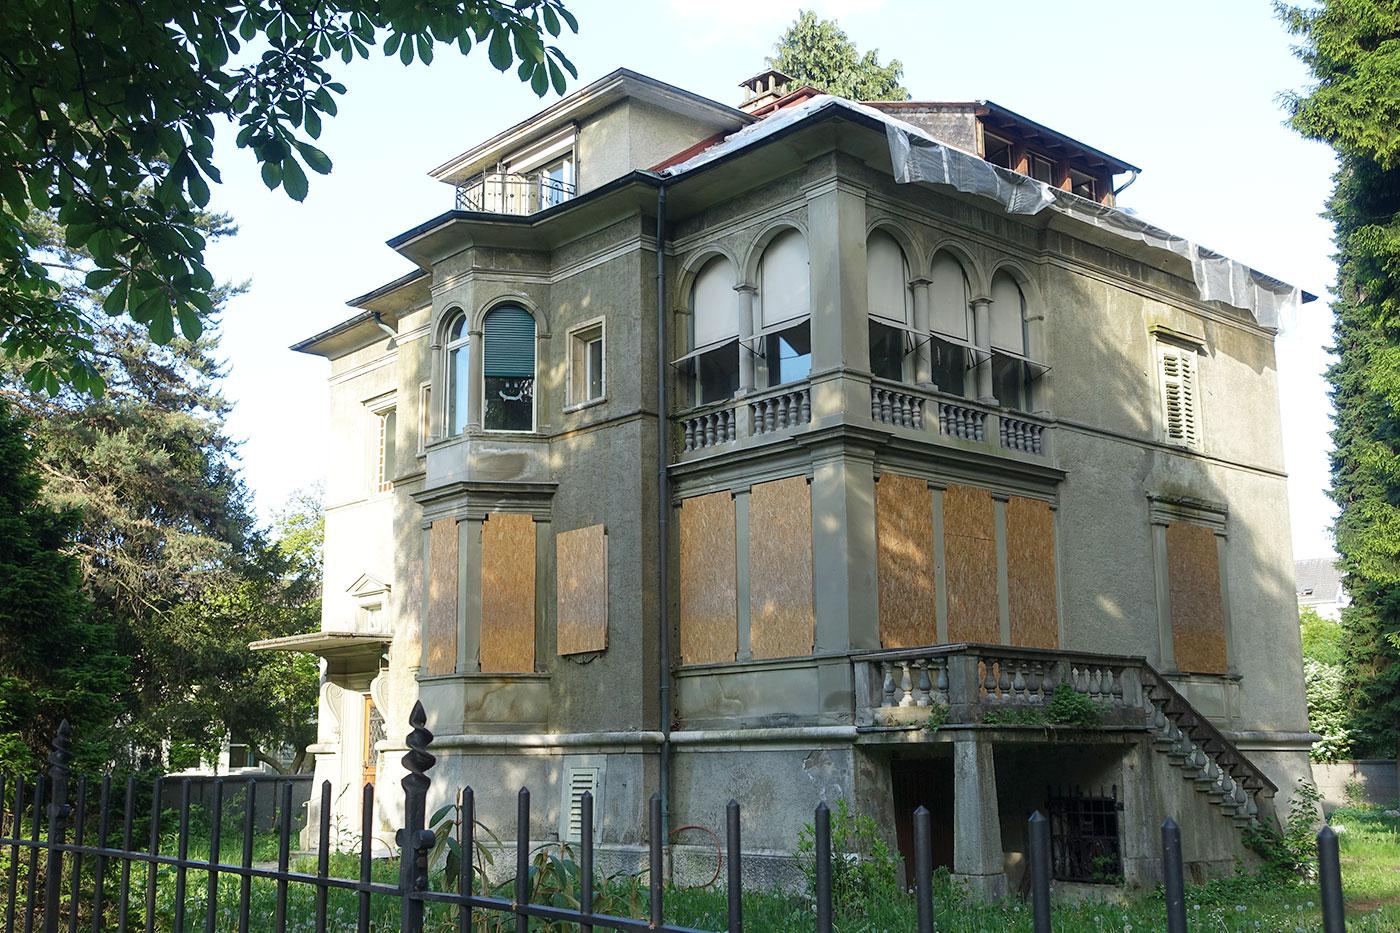 Zugebrettert wartet die Bodum-Villa an der Obergrundstrasse 99 auf ihr Schicksal.